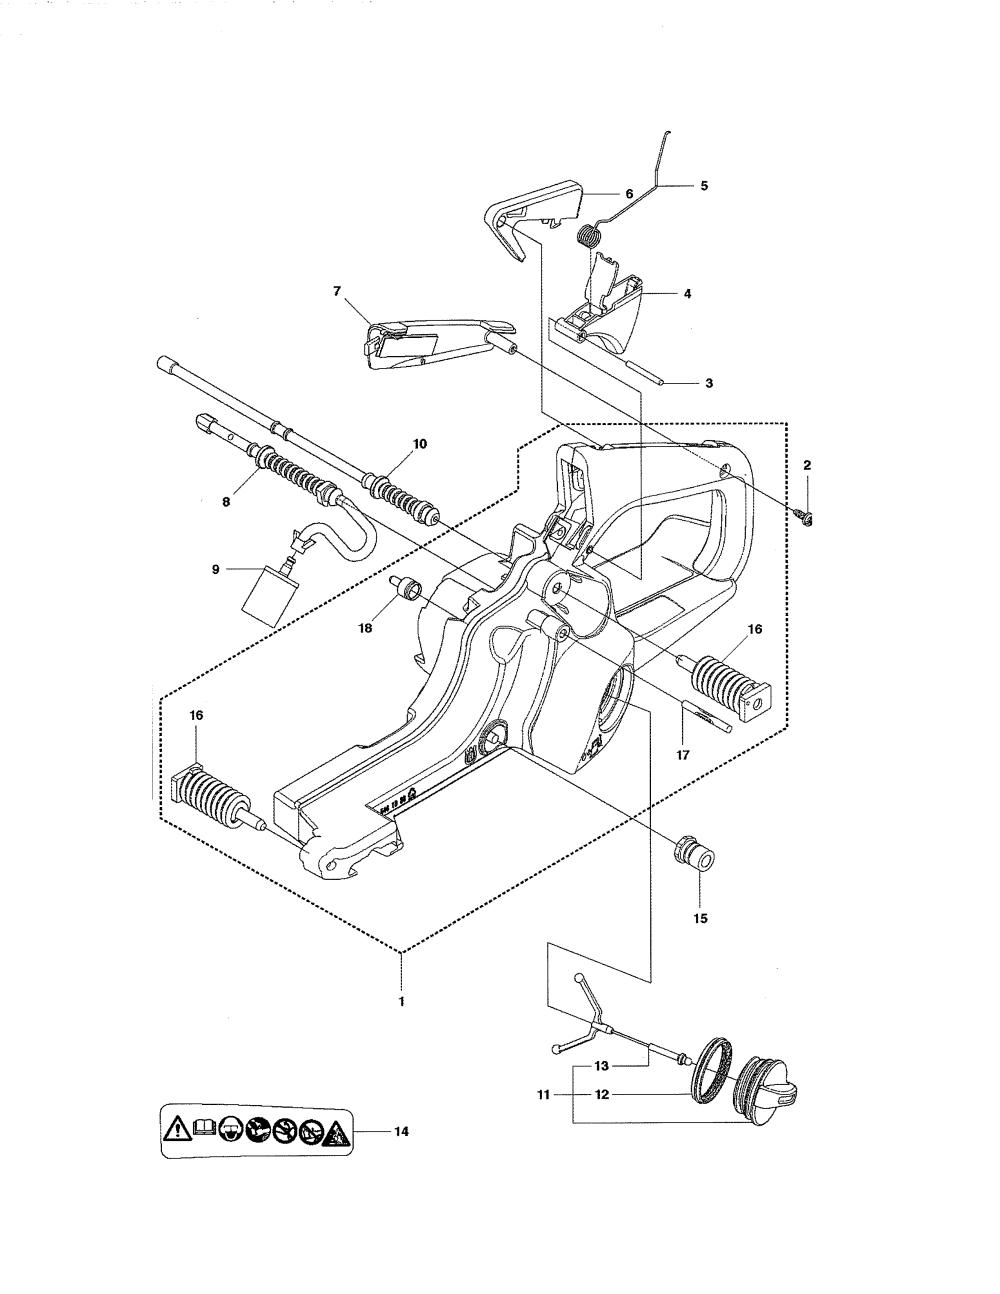 medium resolution of husqvarna 435 fuel tank diagram